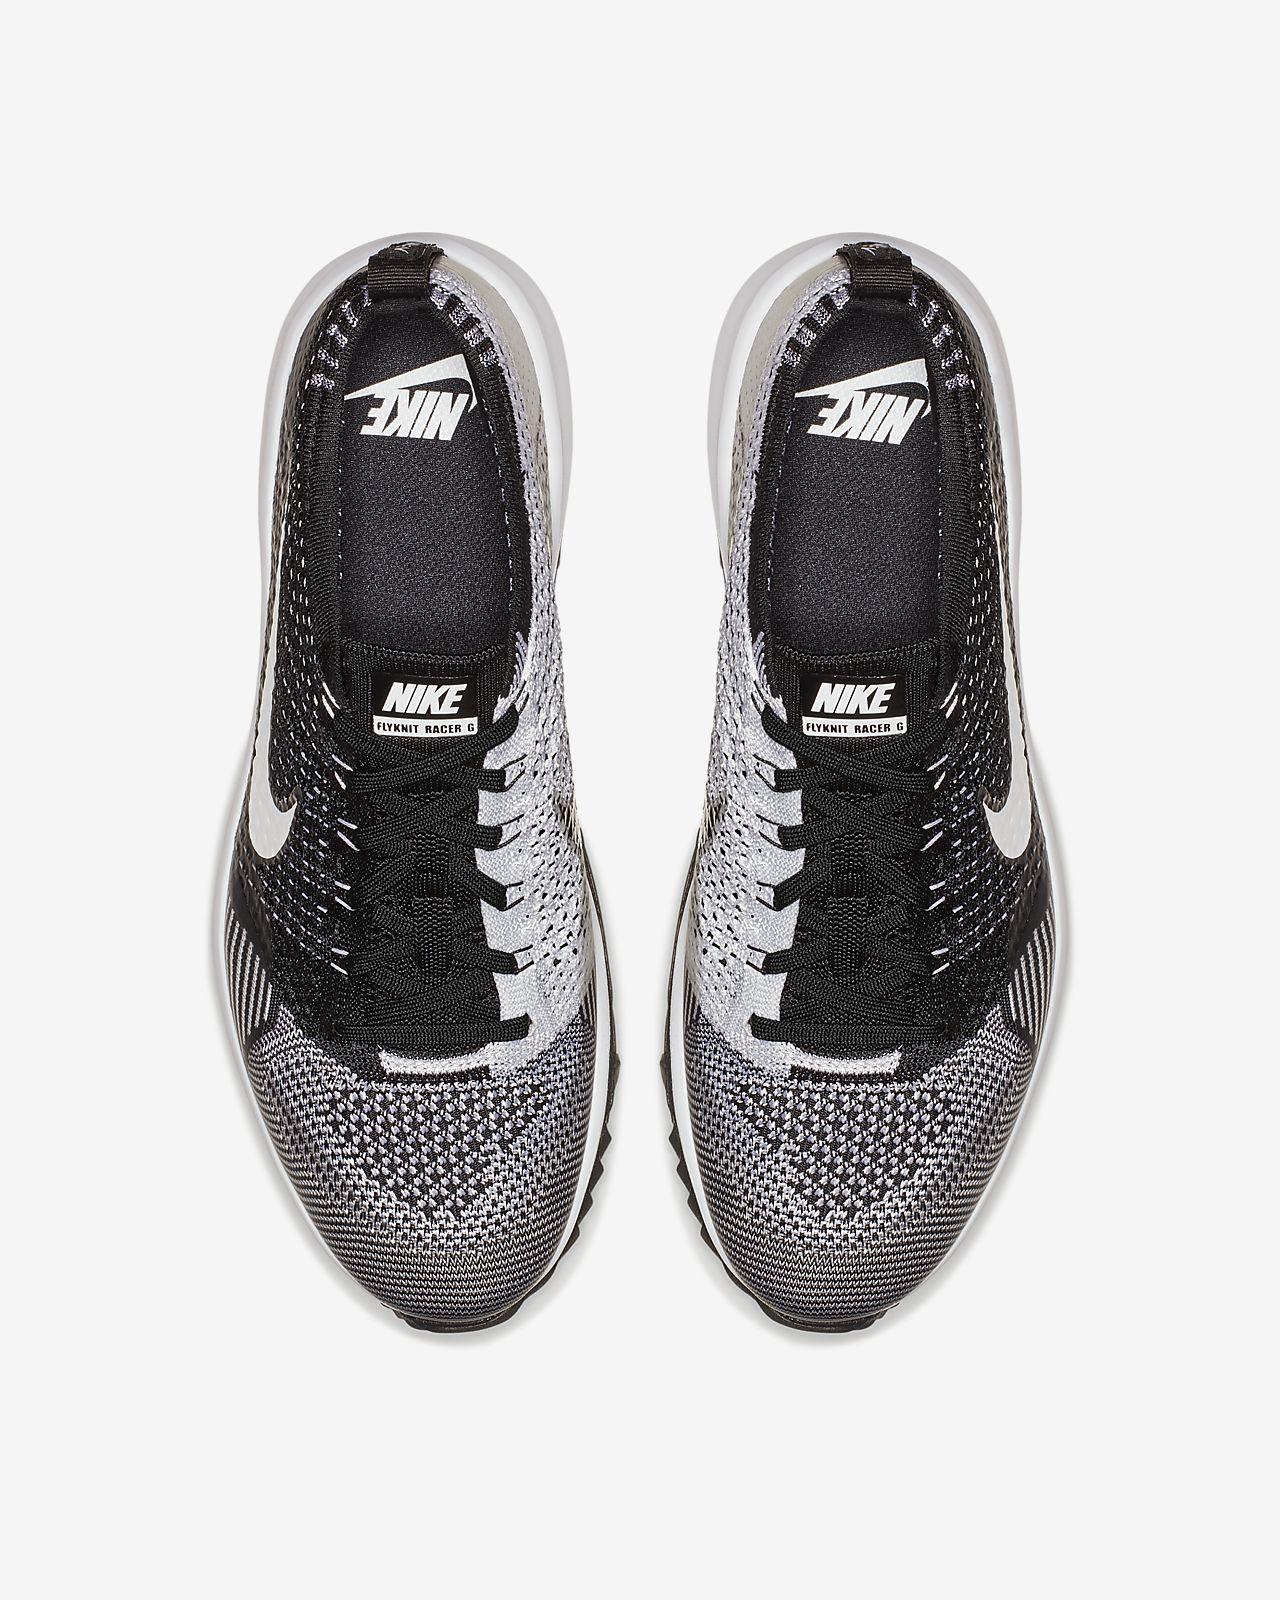 quality design 32868 a5c2b ... Calzado de golf para hombre Nike Flyknit Racer G